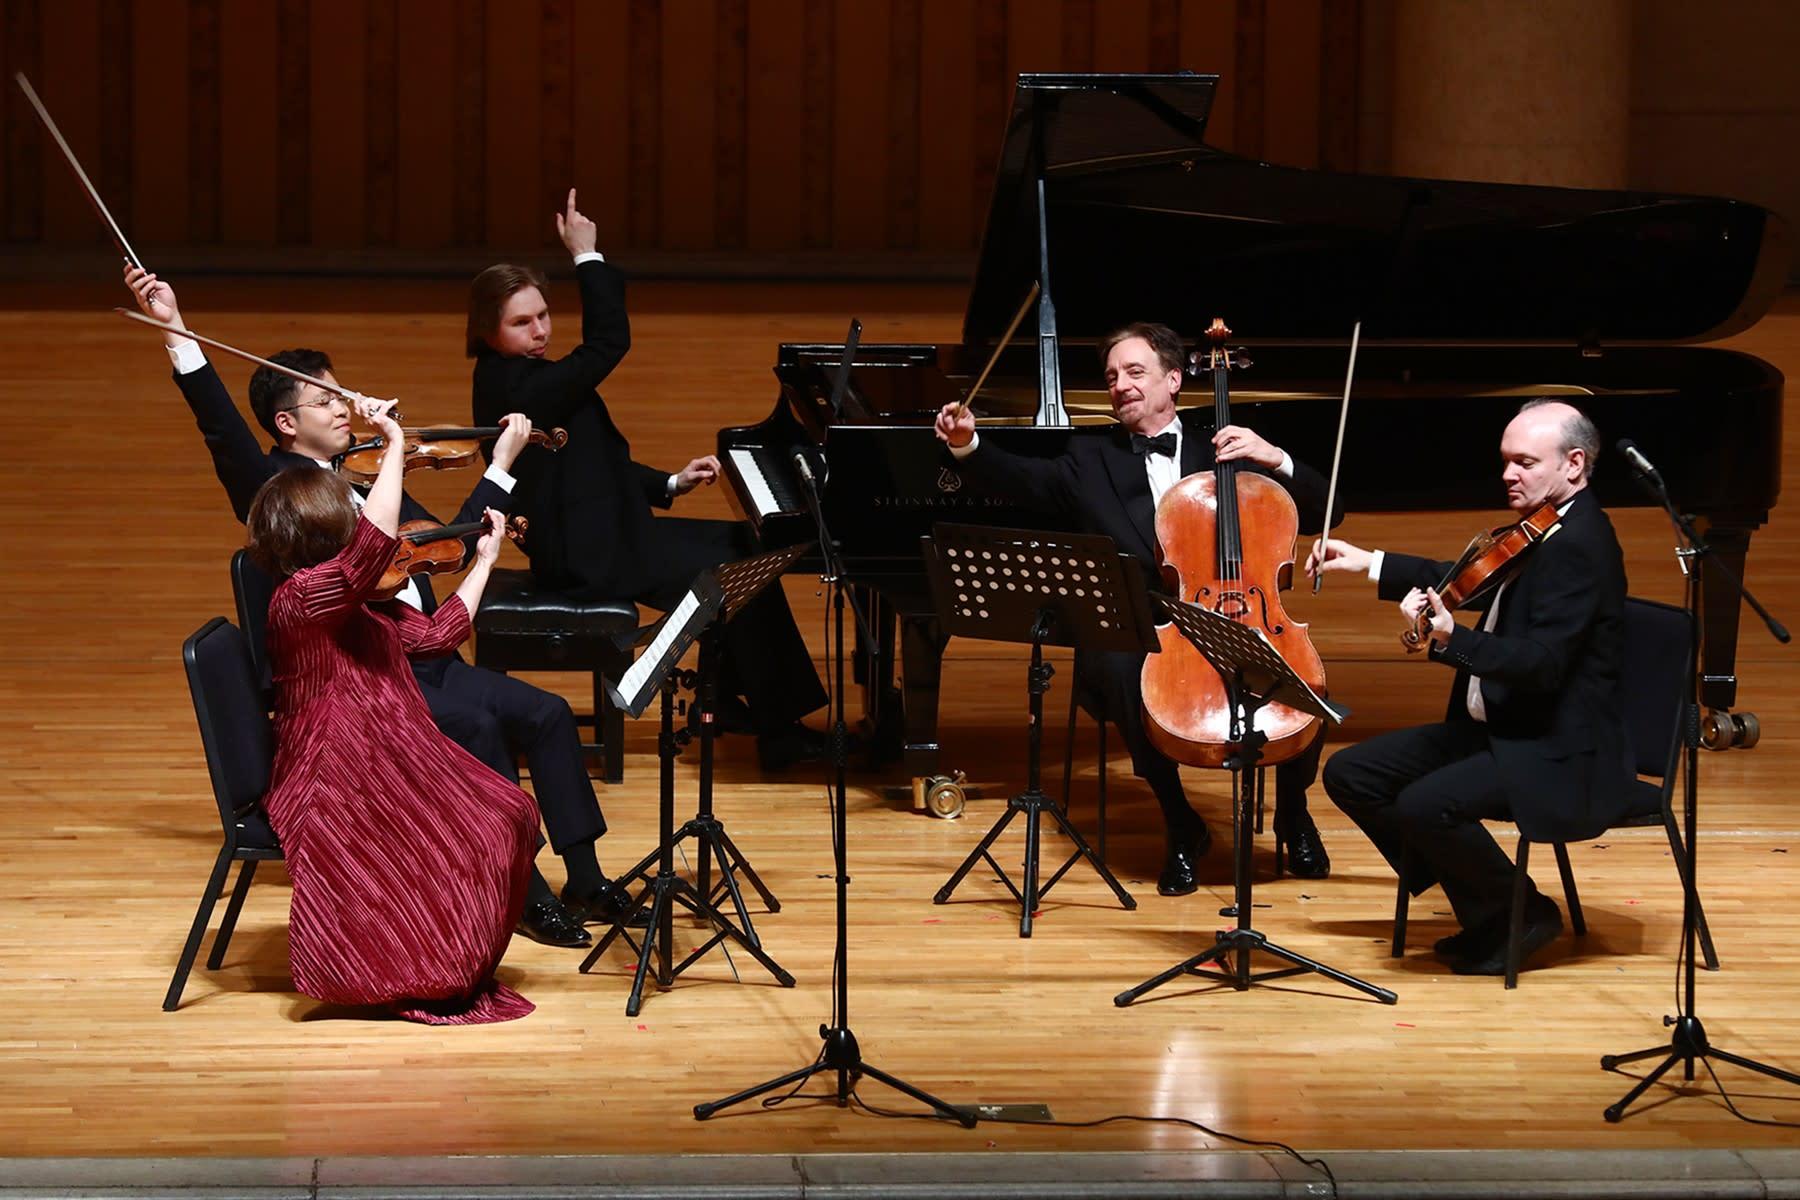 Mozart Concerto No. 12